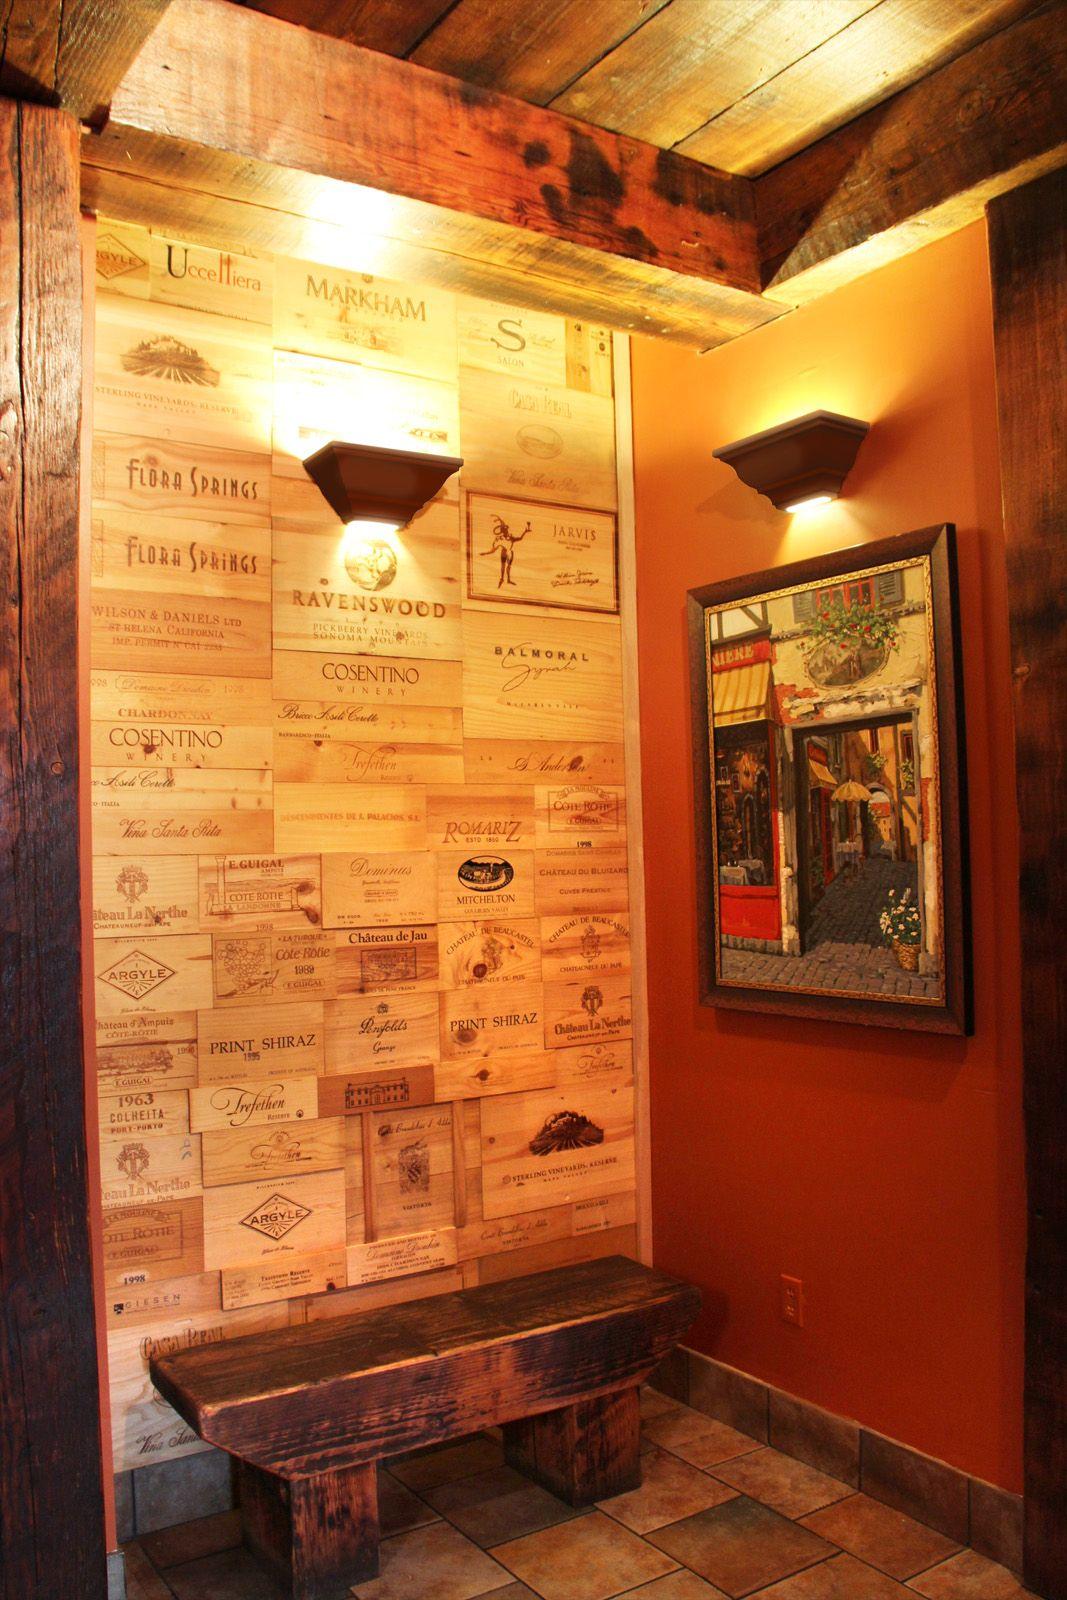 Wine Box Decor Wine Box Wallnew Paint And Decorbellisio's Bellisio's